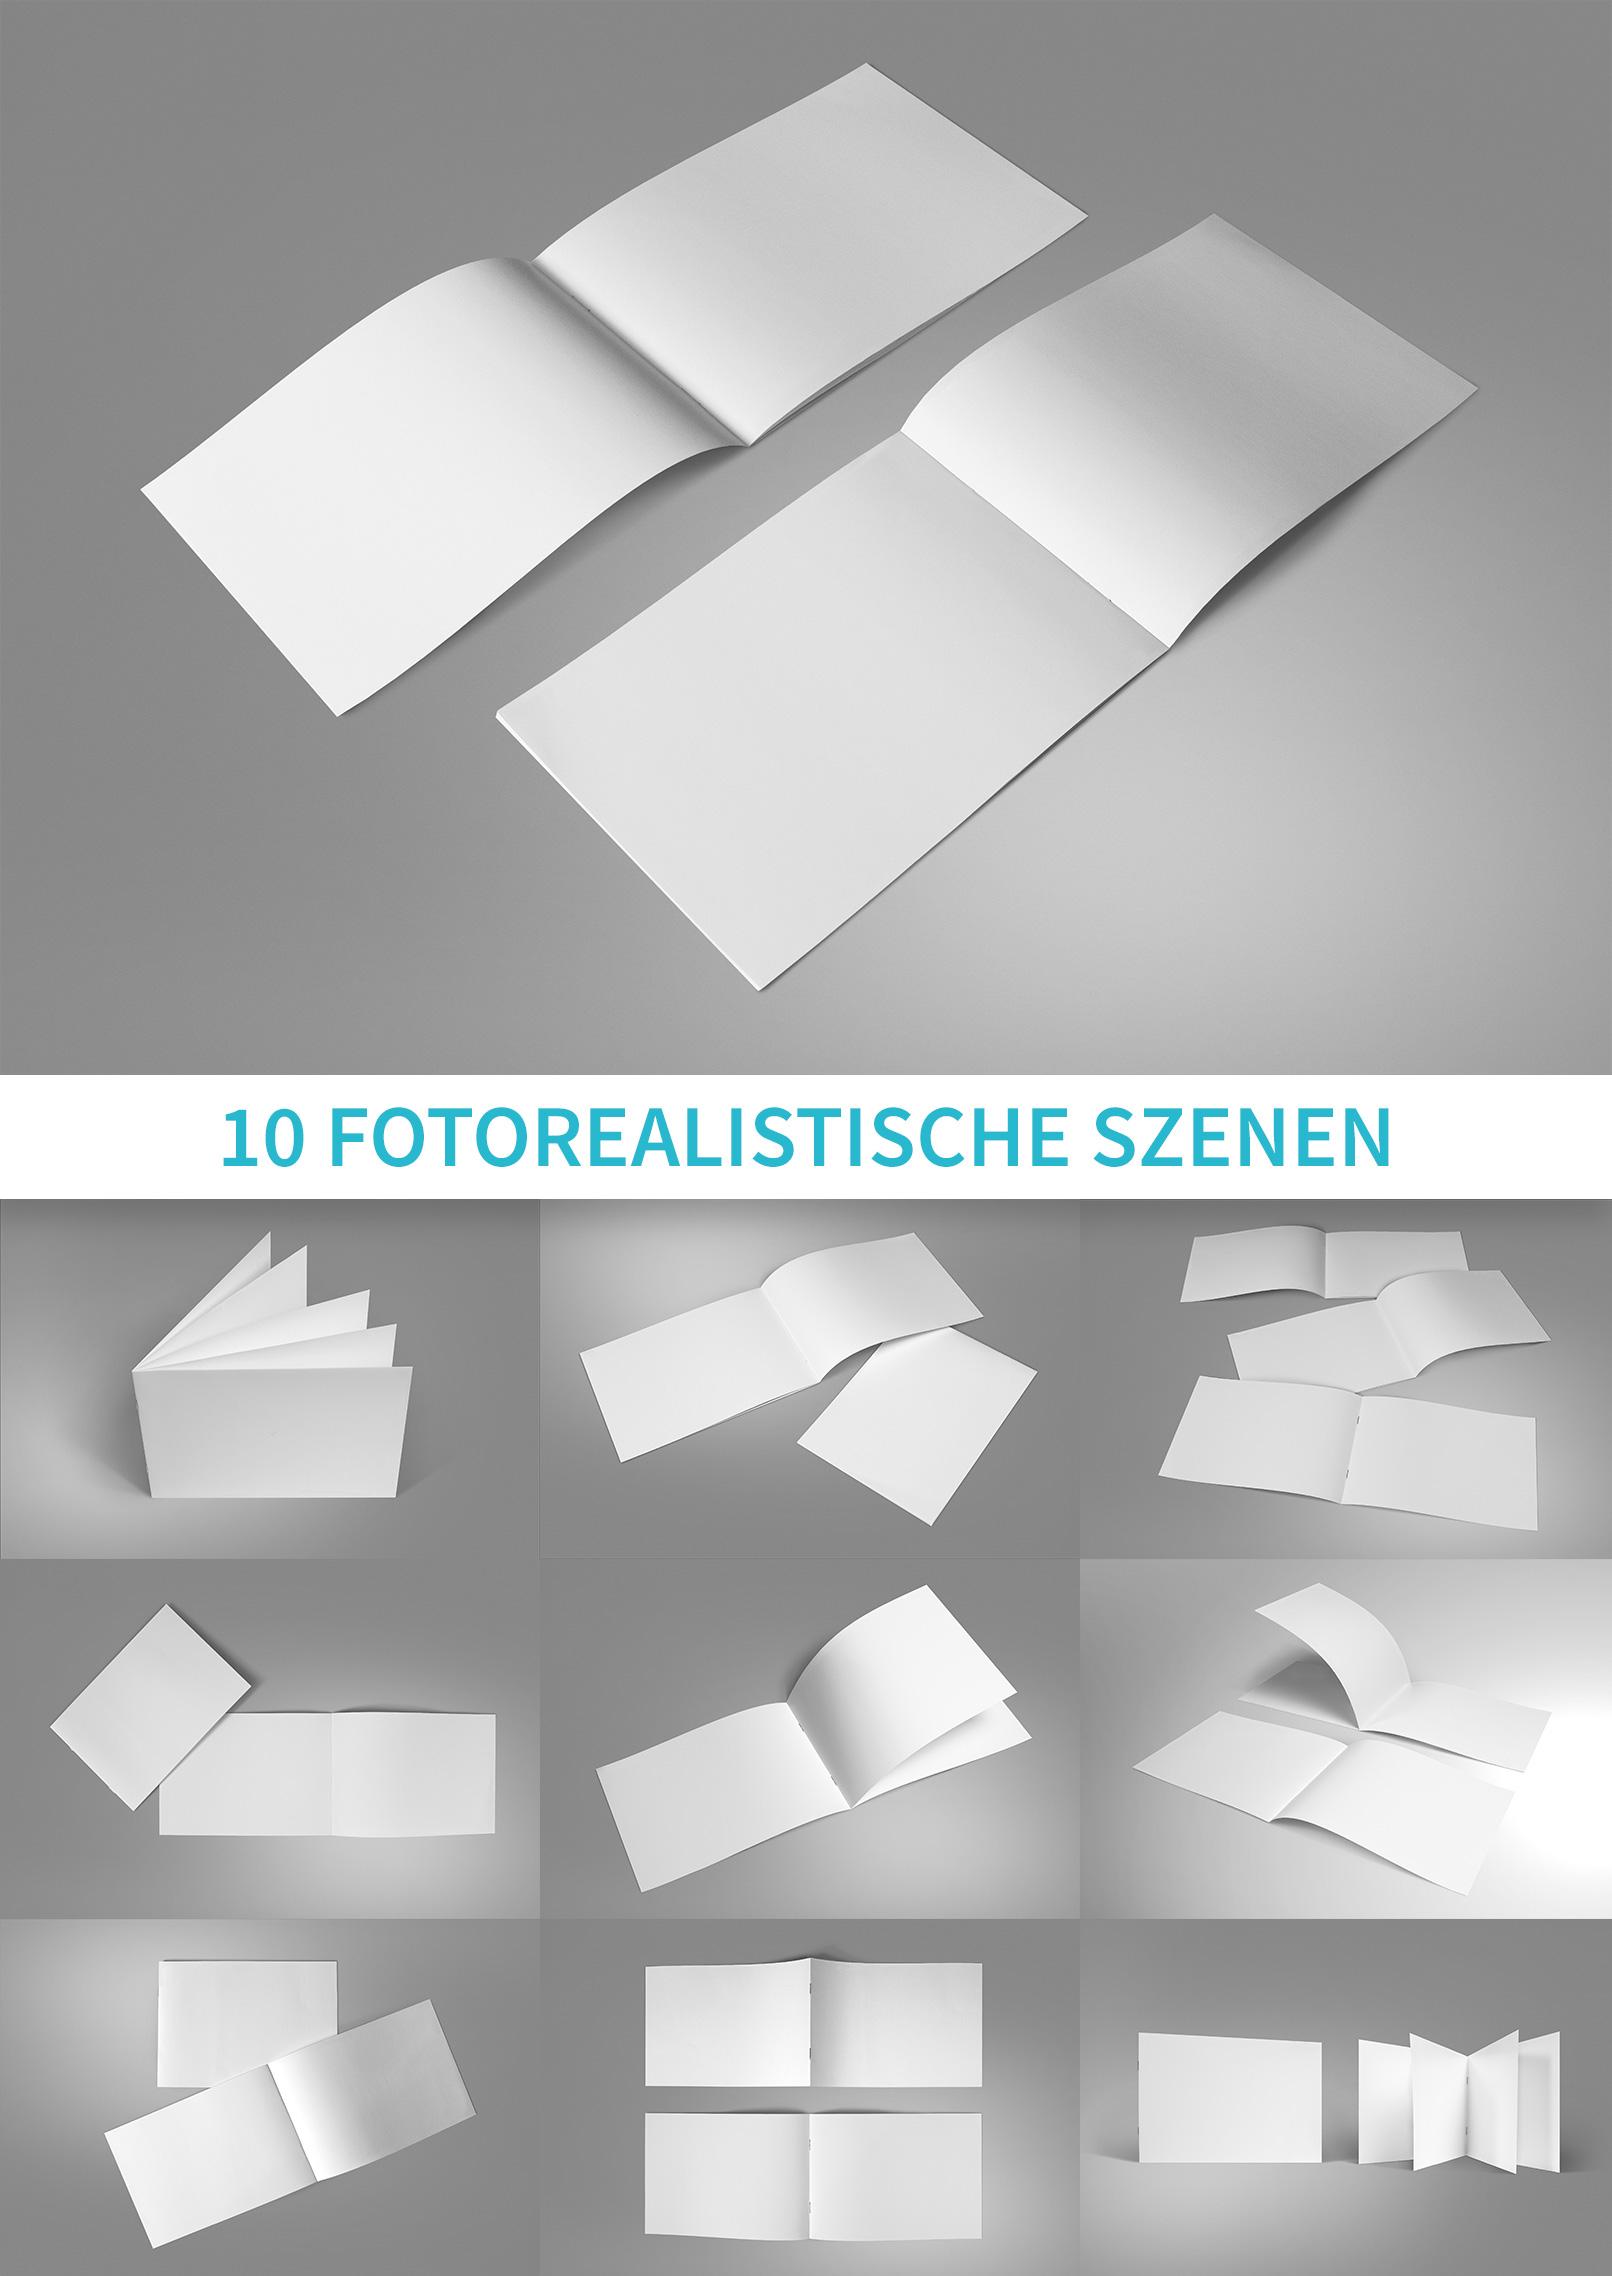 Mockups für Broschüren im A5-Querformat